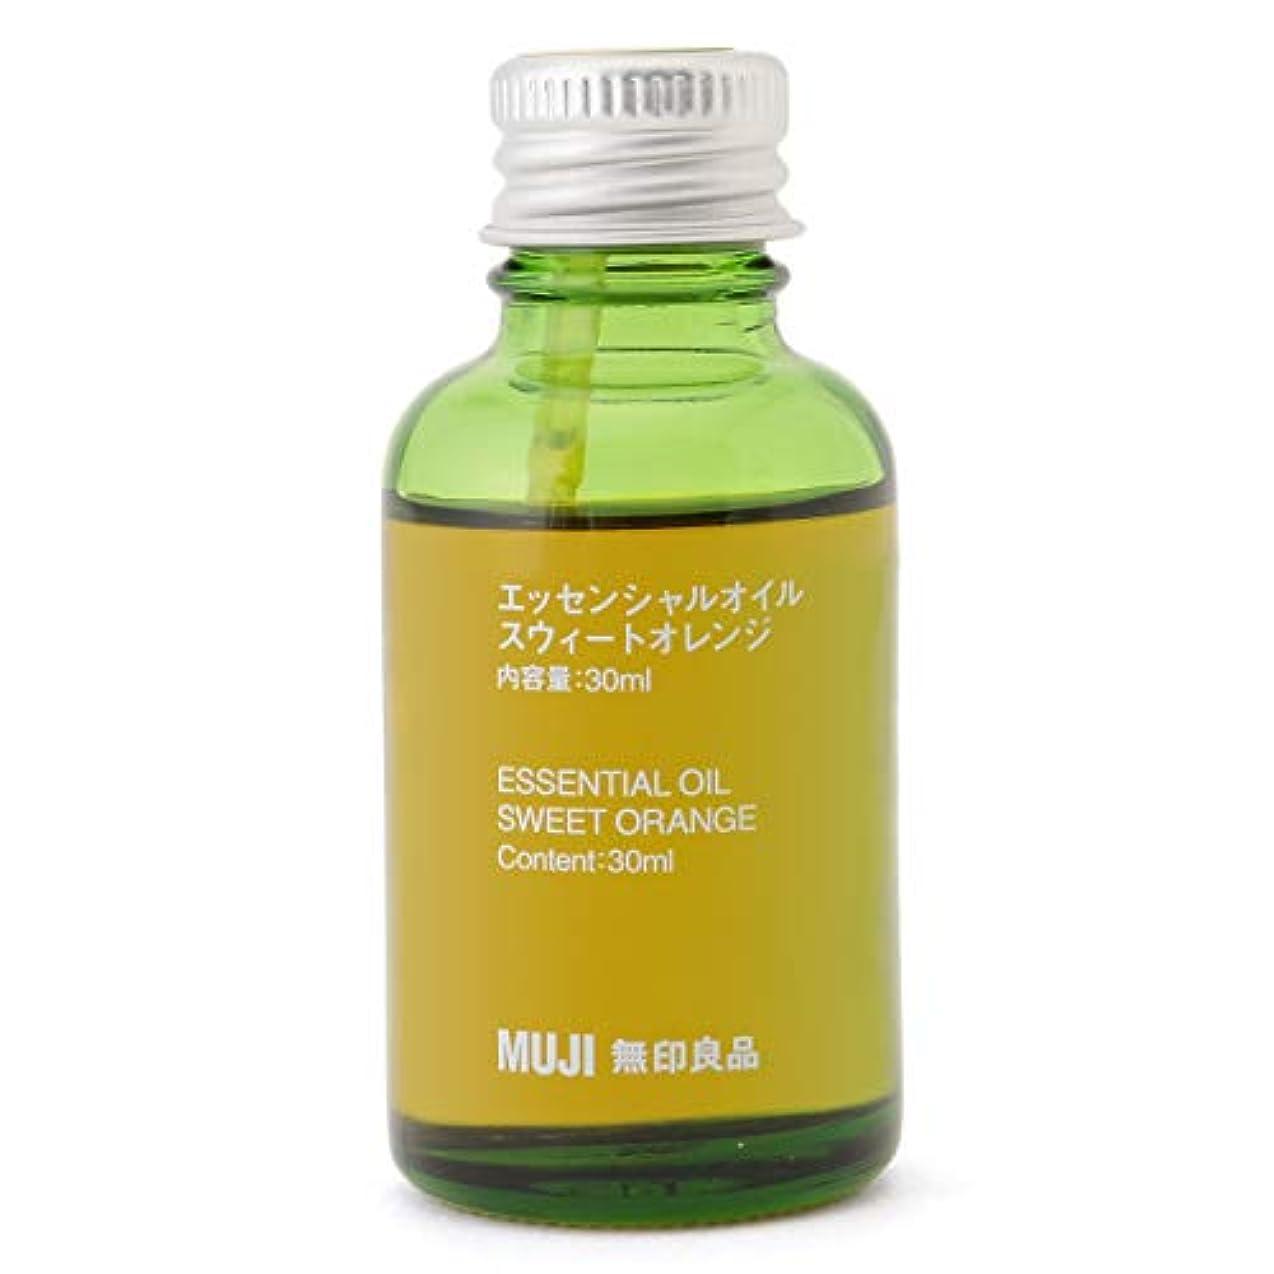 伝染性のミント列車【無印良品】エッセンシャルオイル30ml(スウィートオレンジ)